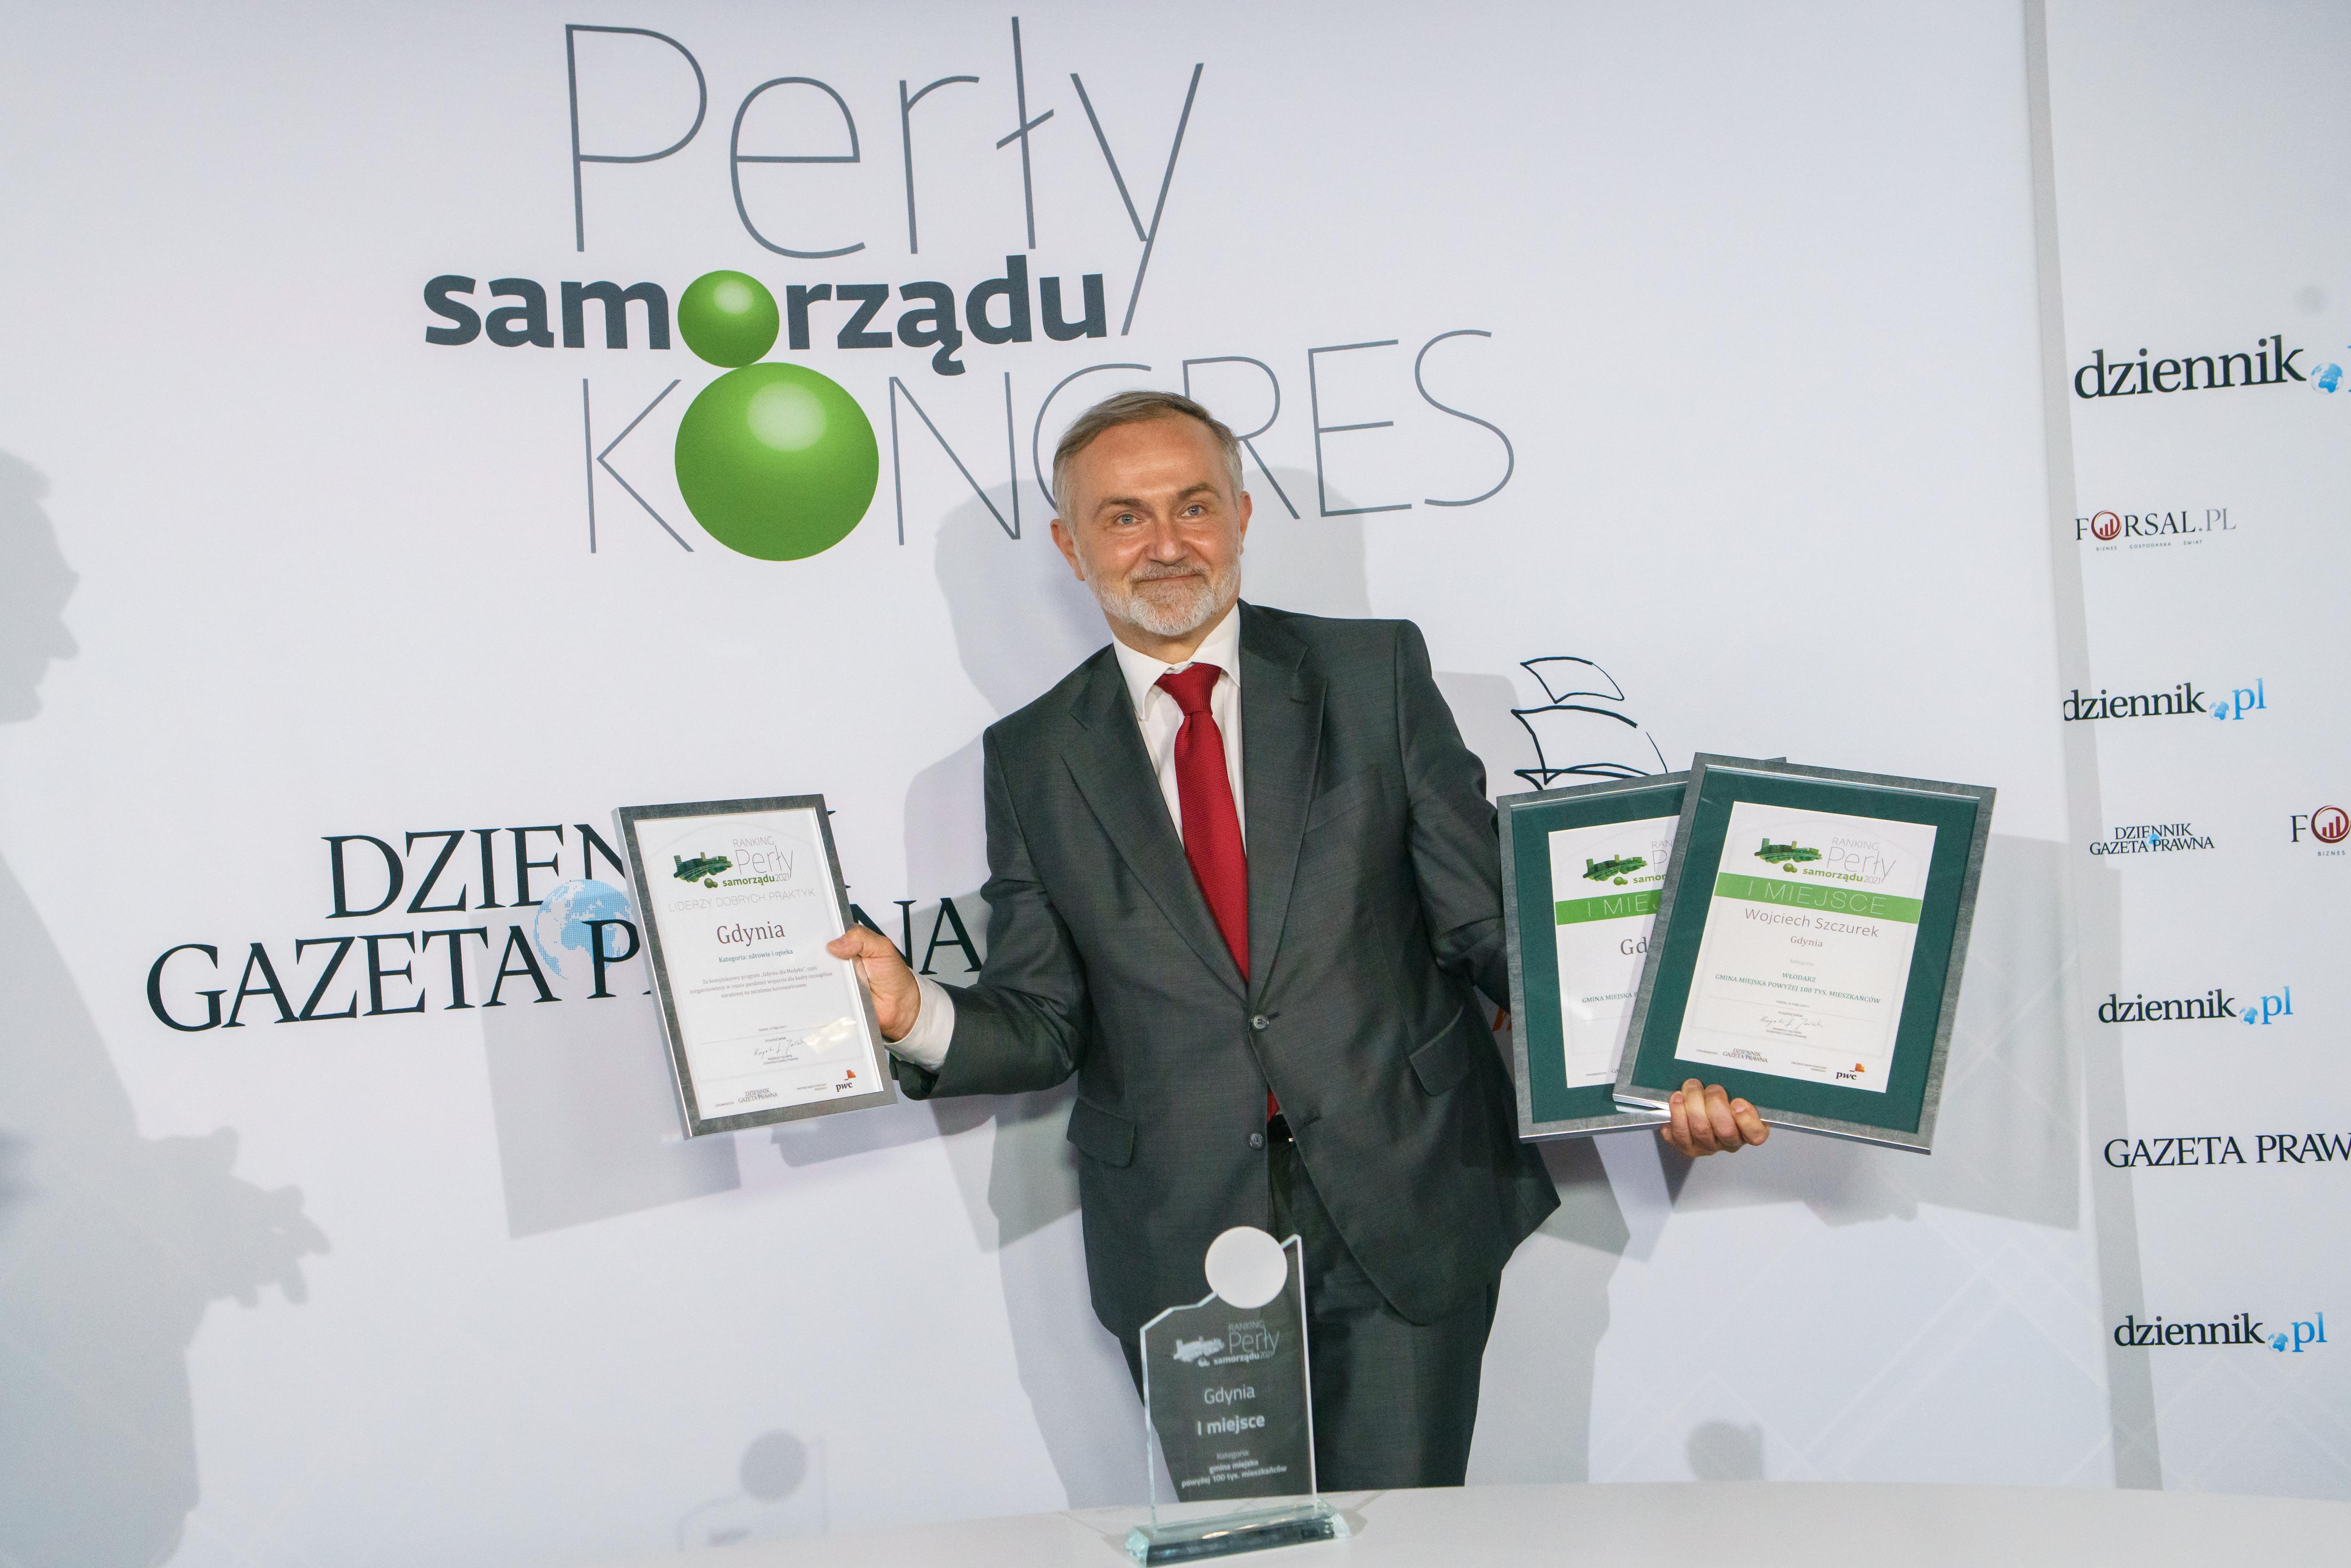 Krzysztof Jedlak i Wojciech Szczurek na tle białej ścianki. Wojciech Szczurek trzyma w rękach trzy dyplomy.